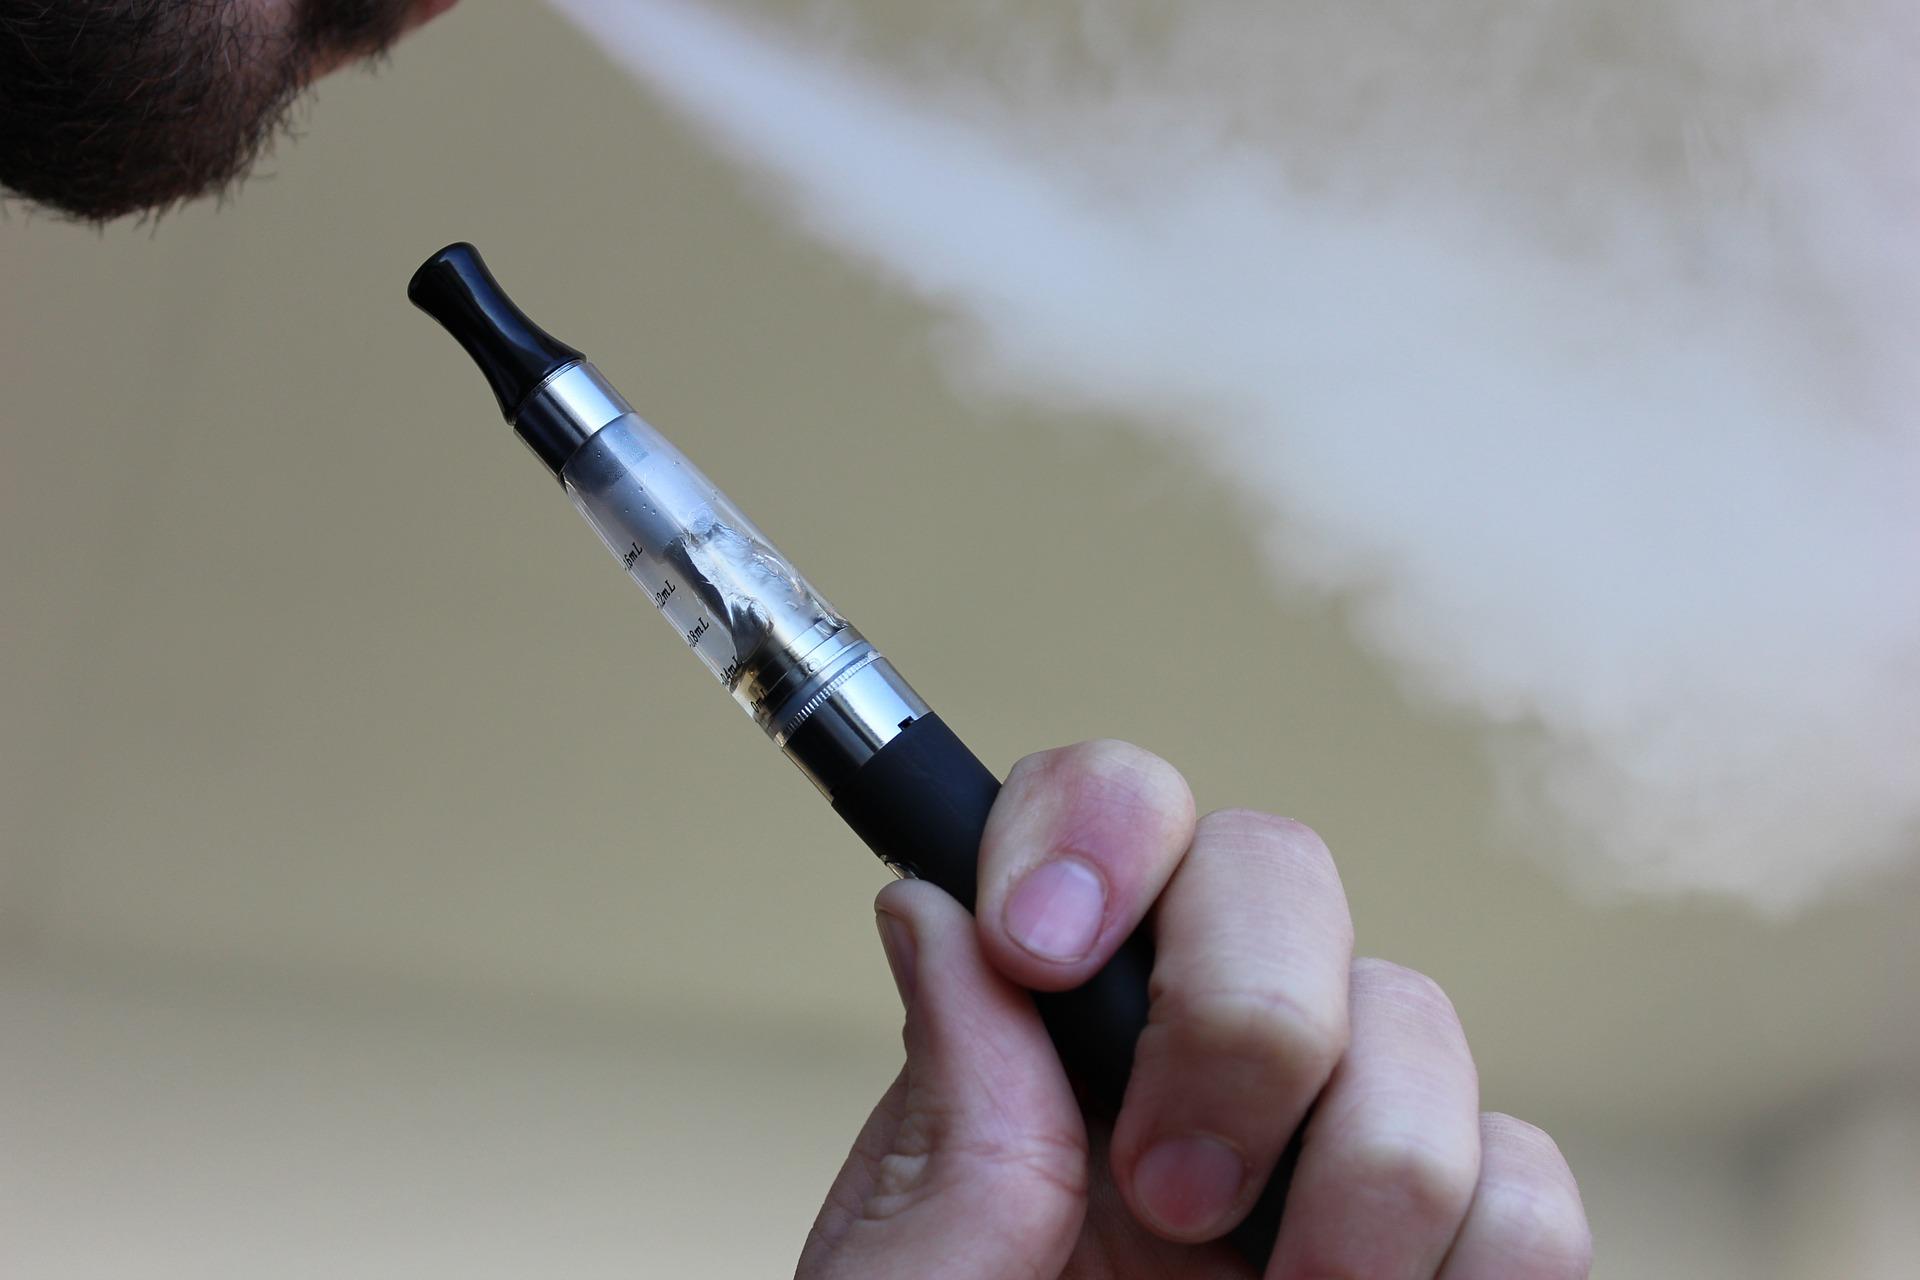 Un estudio confirma que los cigarrillos electrónicos aumentan el riesgo cardiovascular tanto como los convencionales